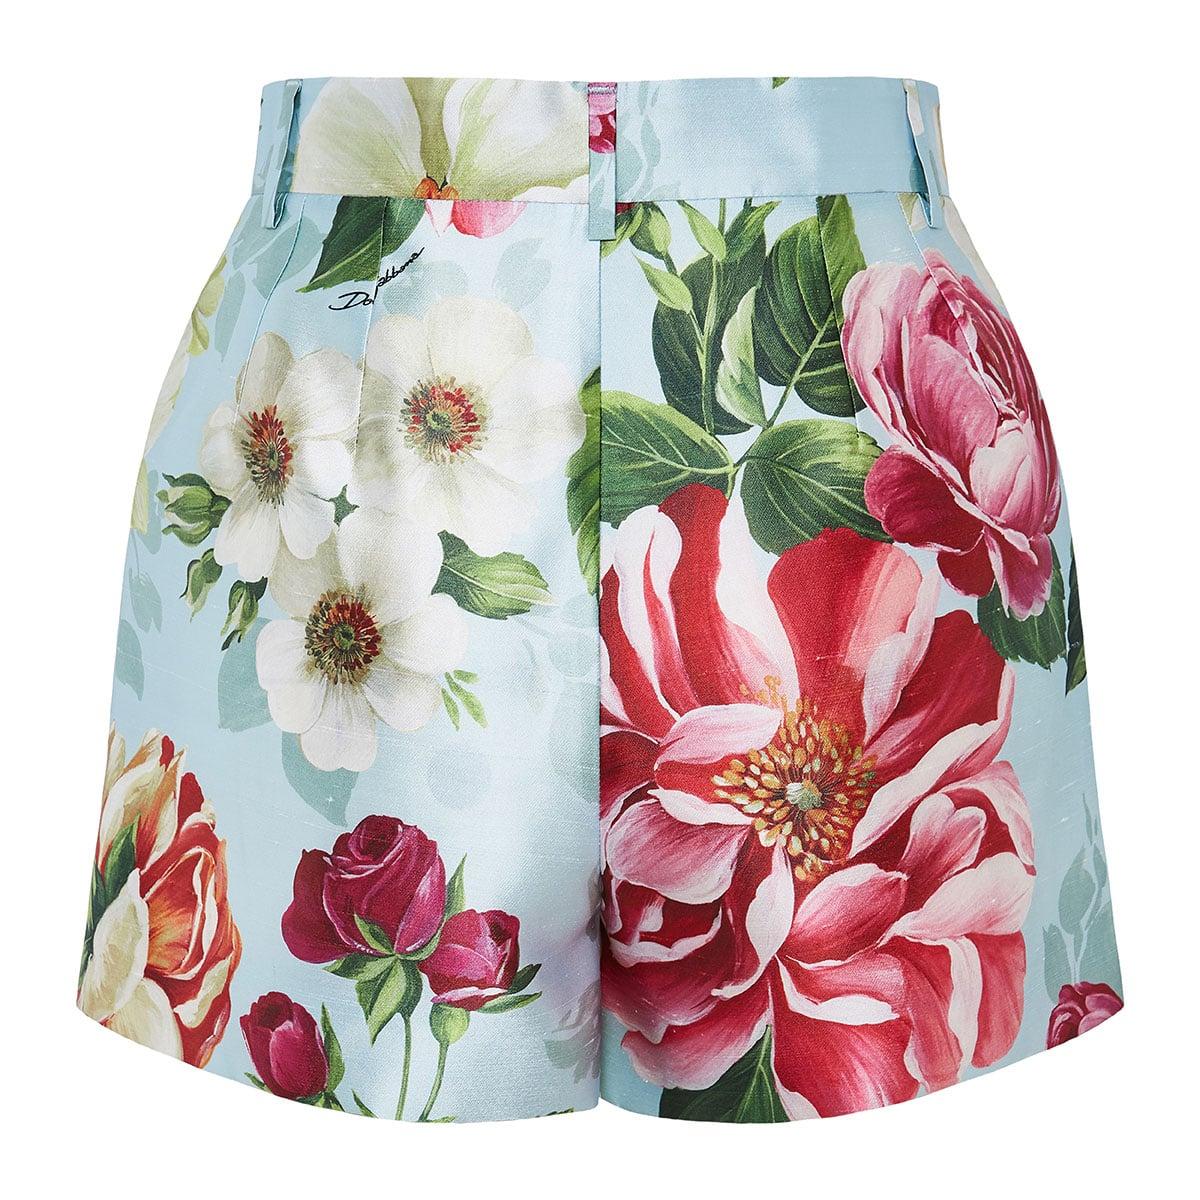 High-waist floral shorts